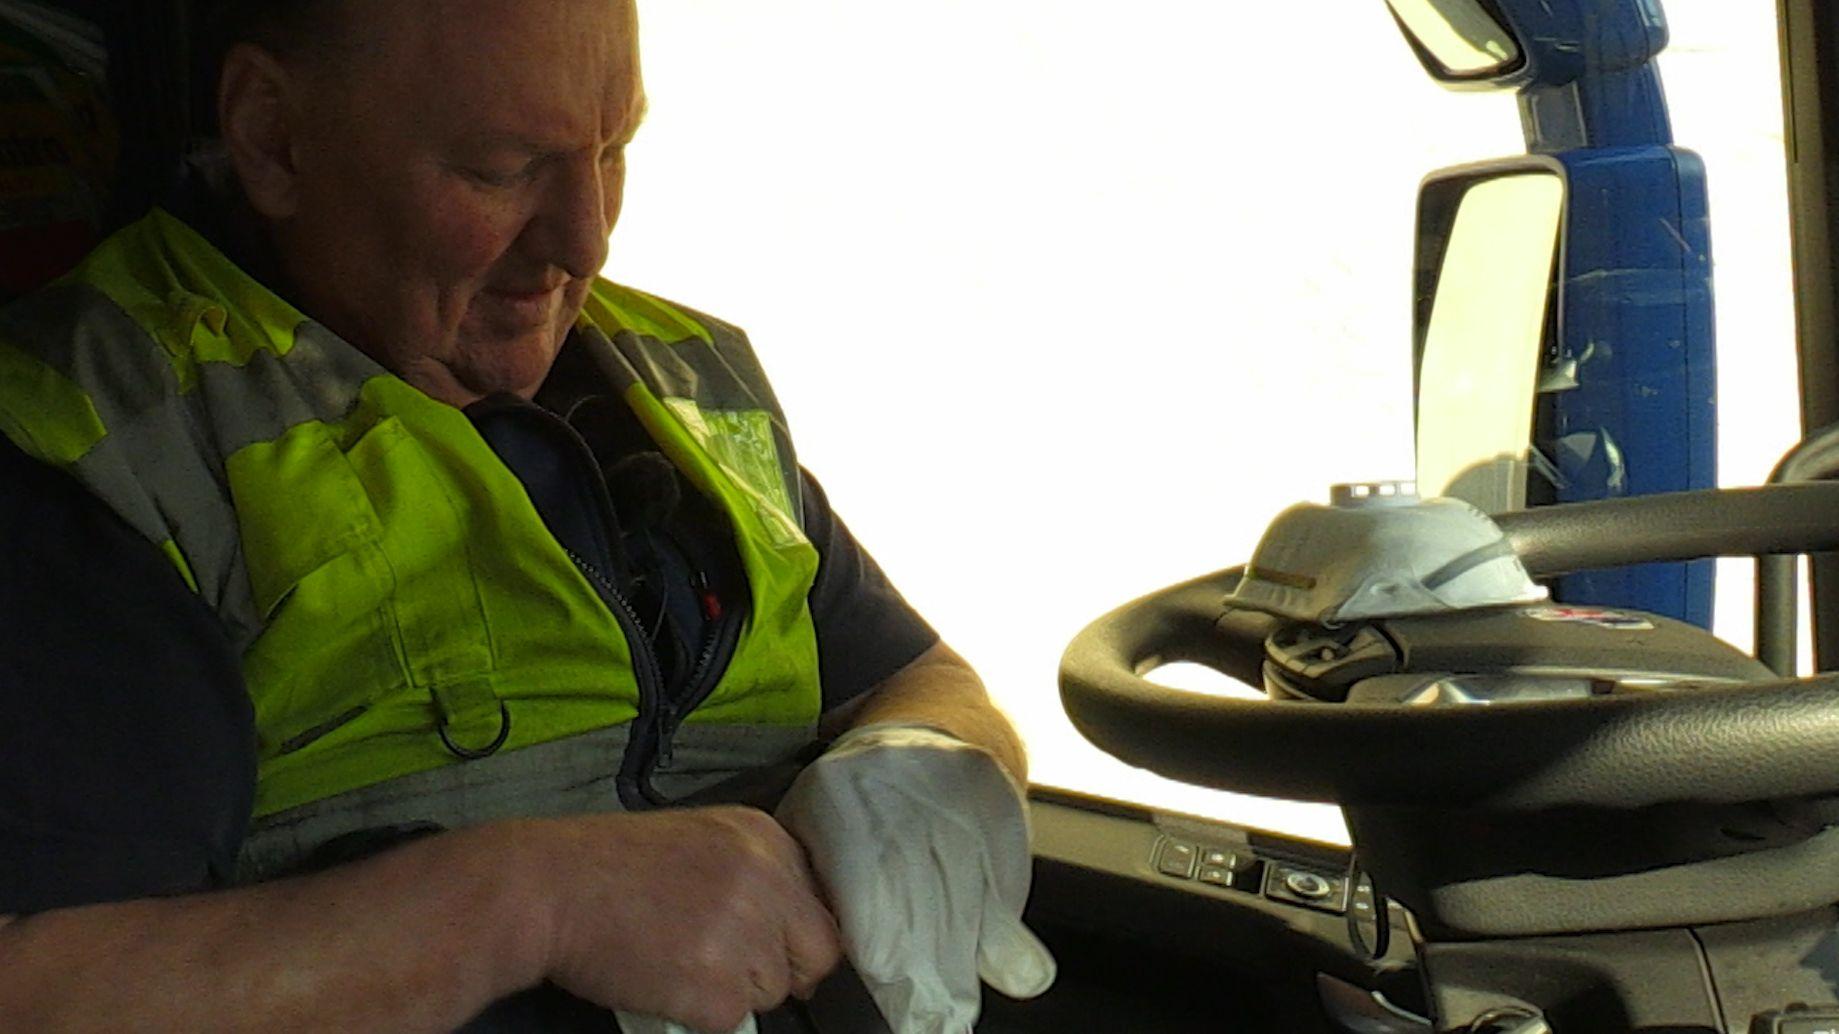 Lkw-Fahrer Peter Buchwieser zieht sich im Führerhaus Sicherheitshandschuhe an. Die Schutzmaske liegt auf dem Lenkrad.